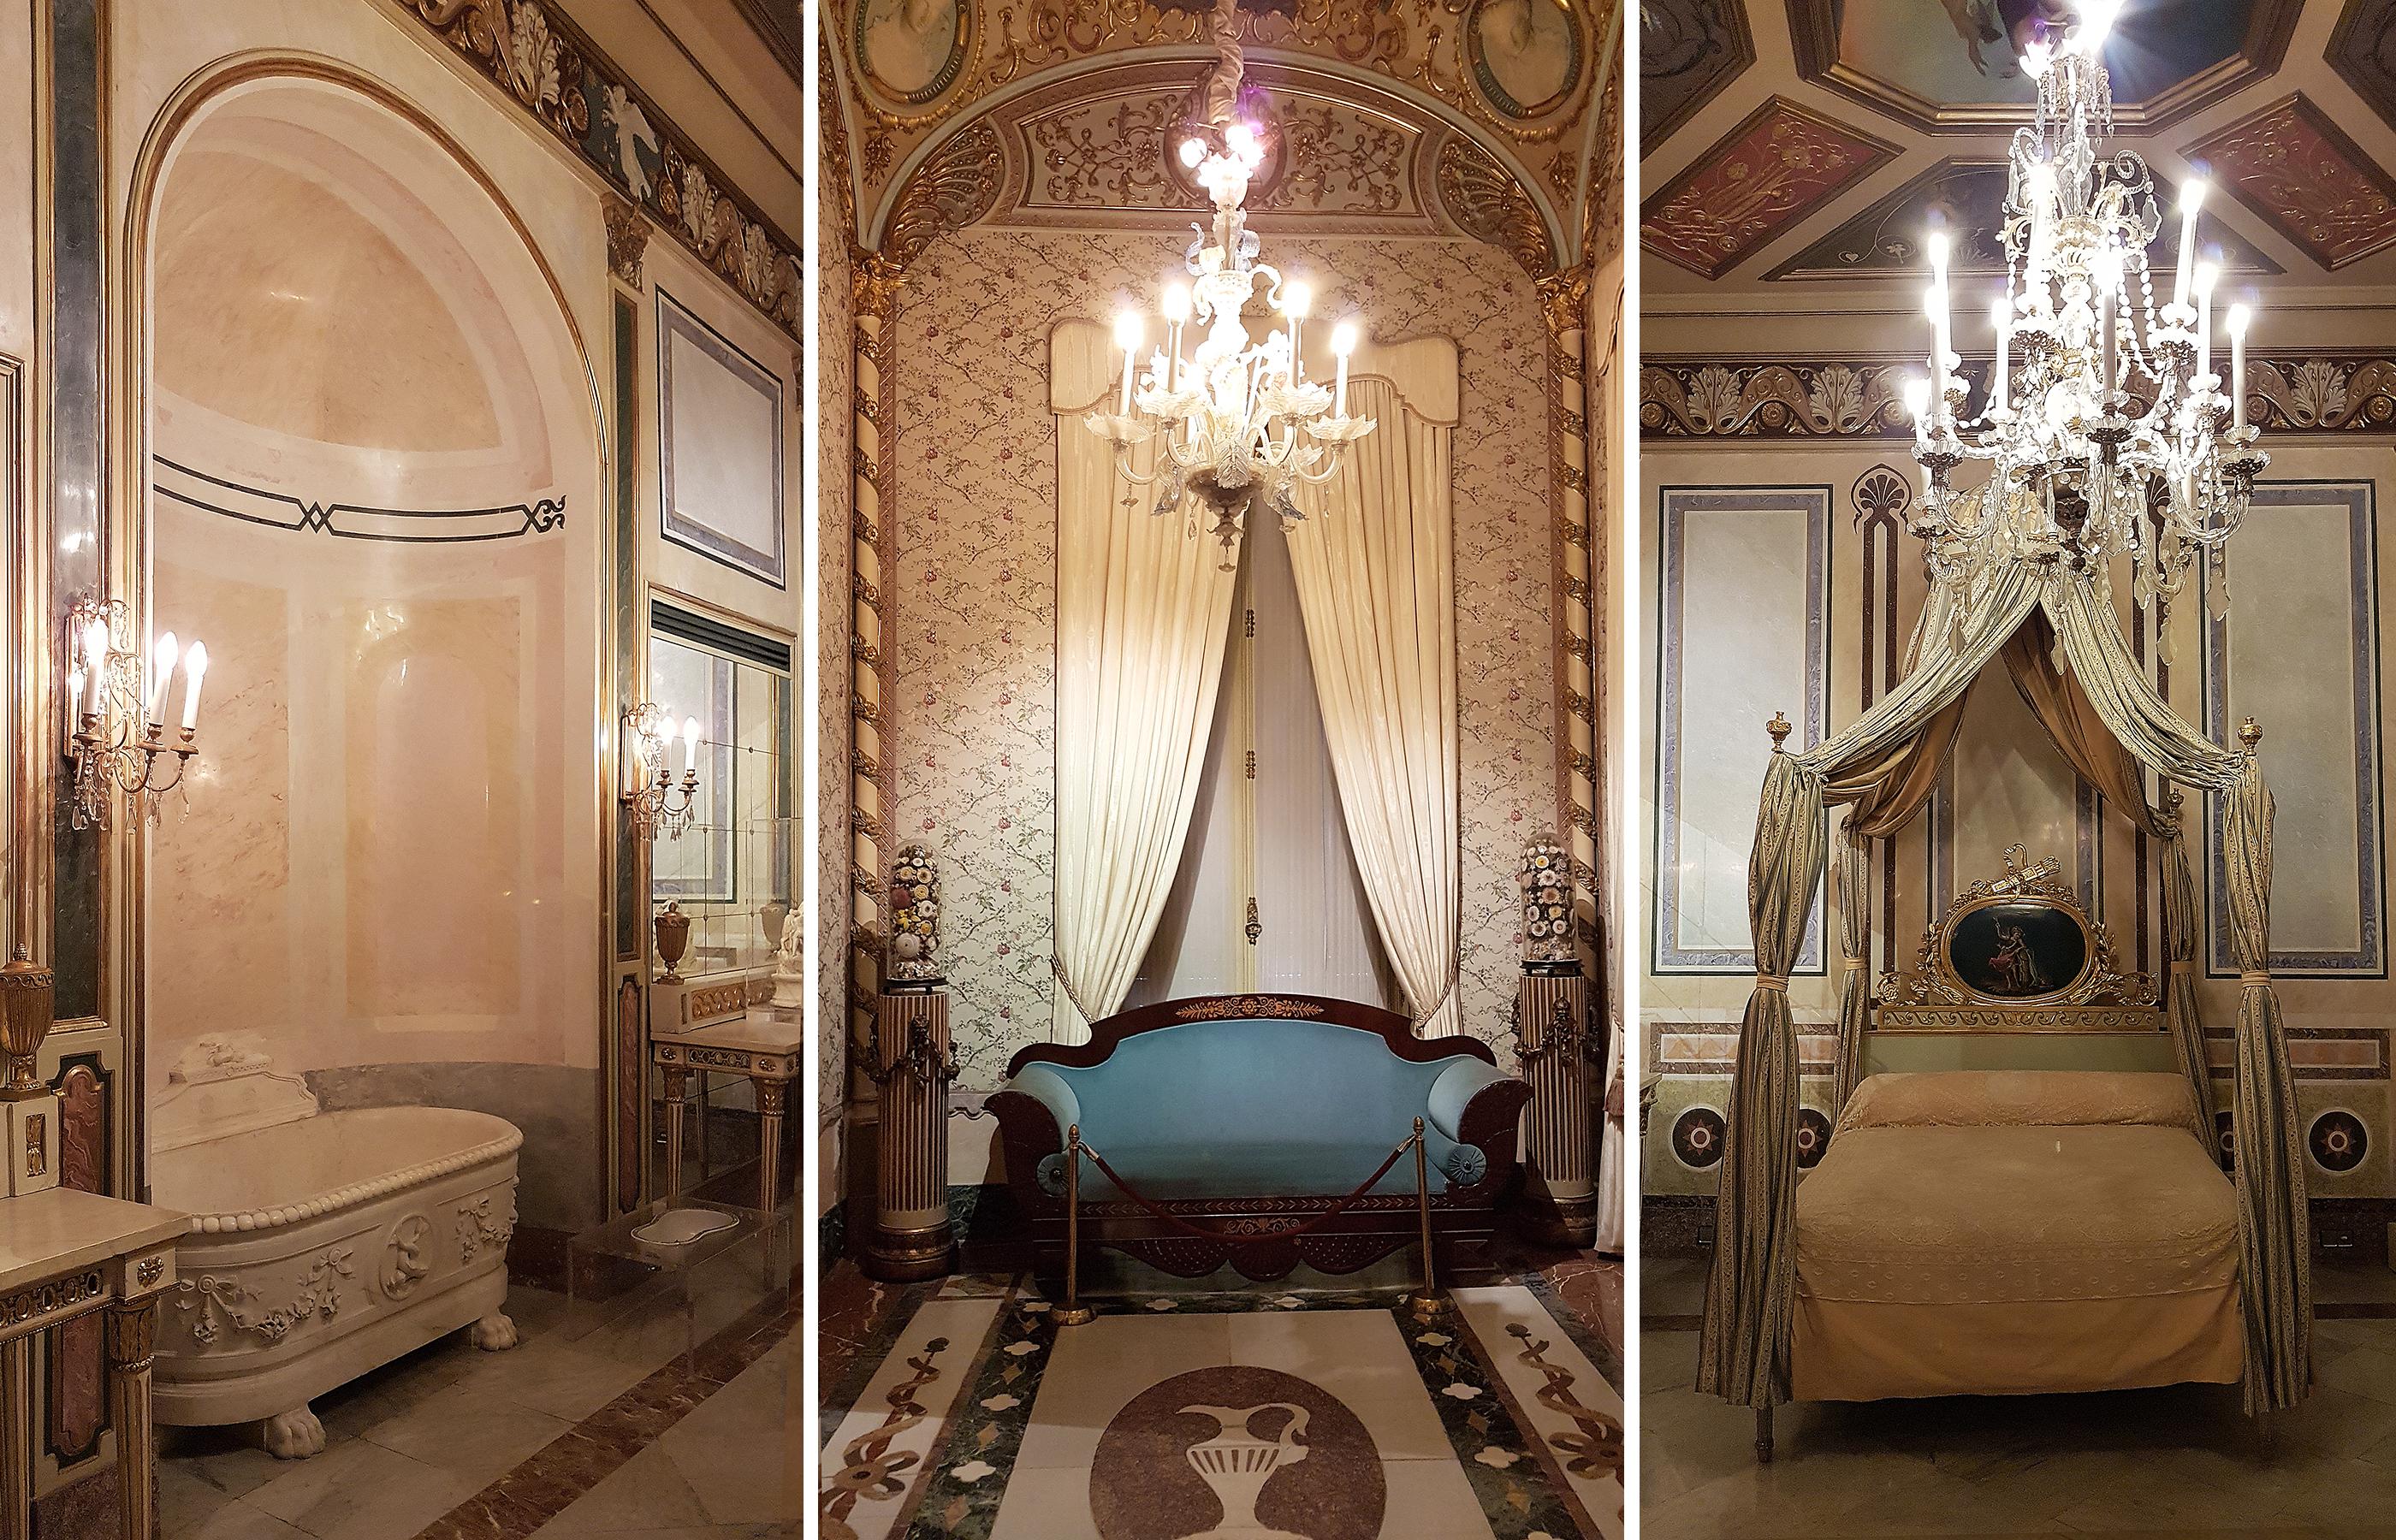 Сохранившиеся дворцовые интерьеры 19 века